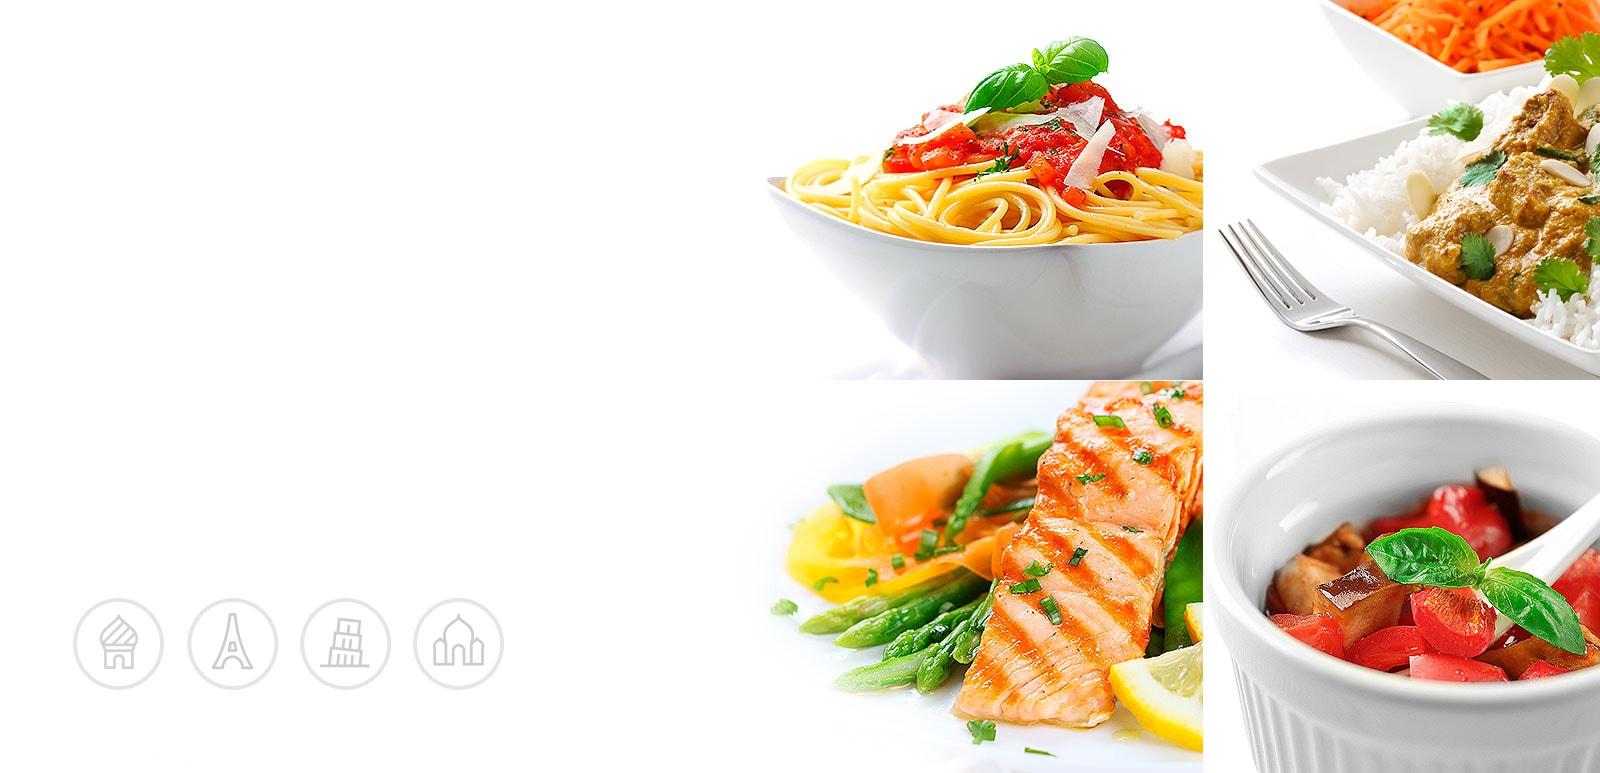 mwo-food-desktop-bg